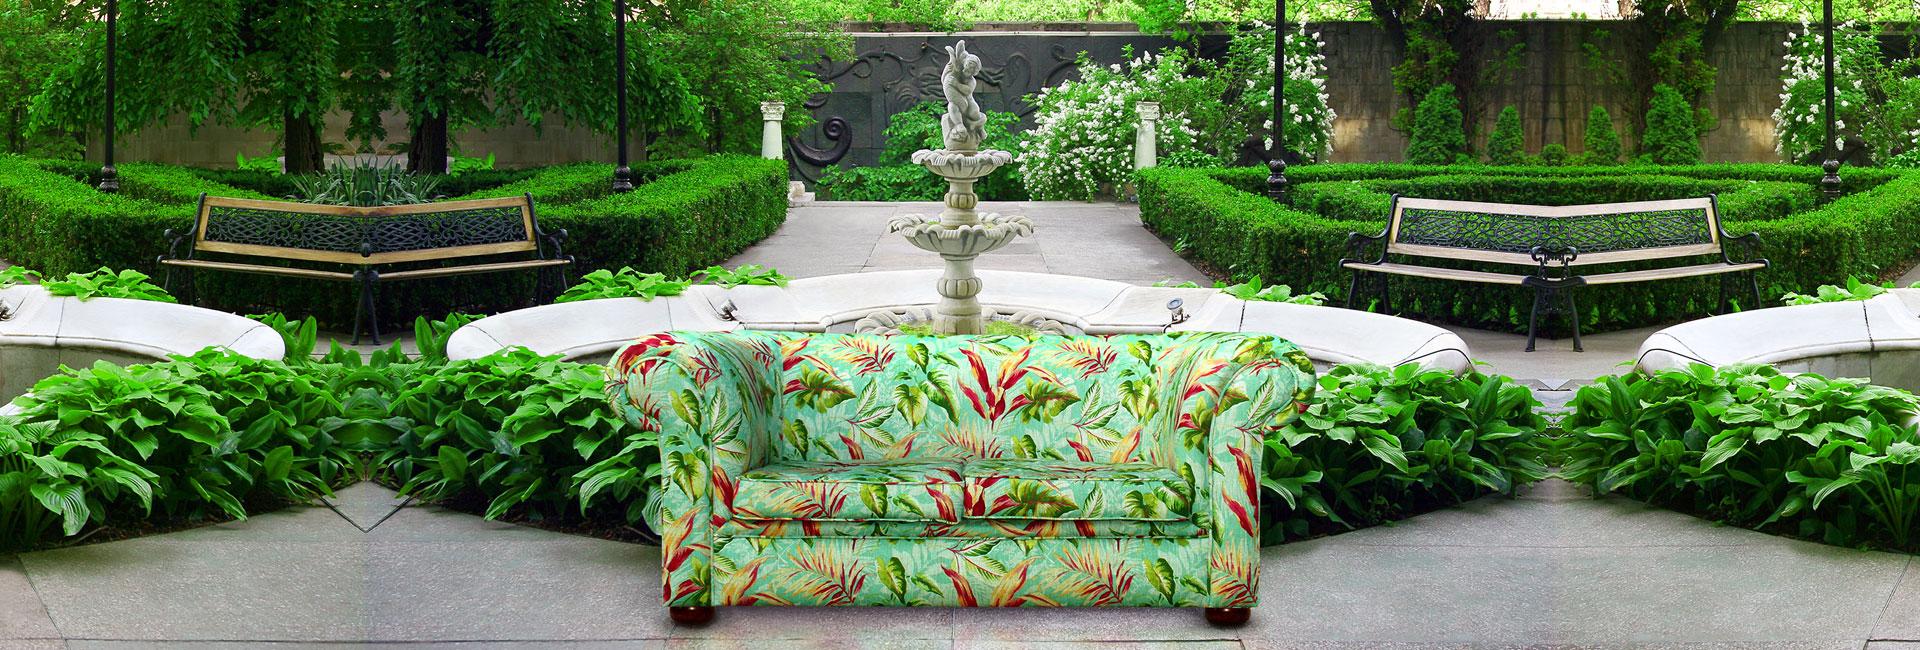 Spring delight, spring furniture, outdoor furniture, Born Furniture, Celebrate Spring